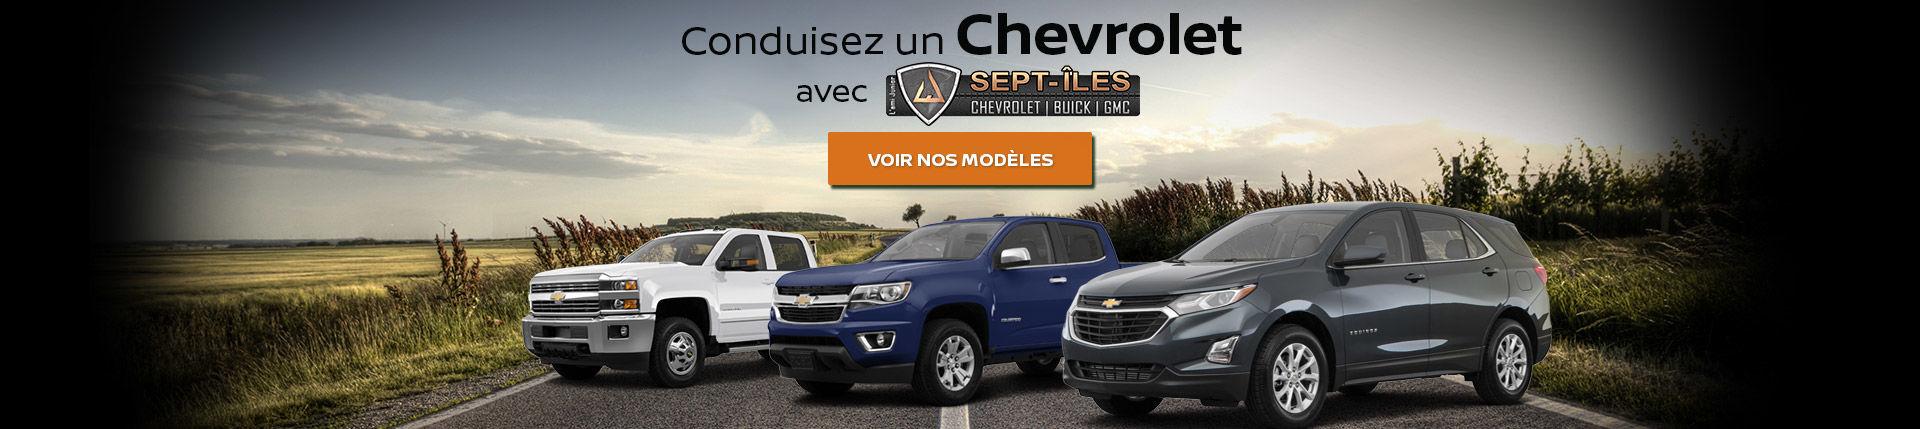 Chevrolet Sept-Îles